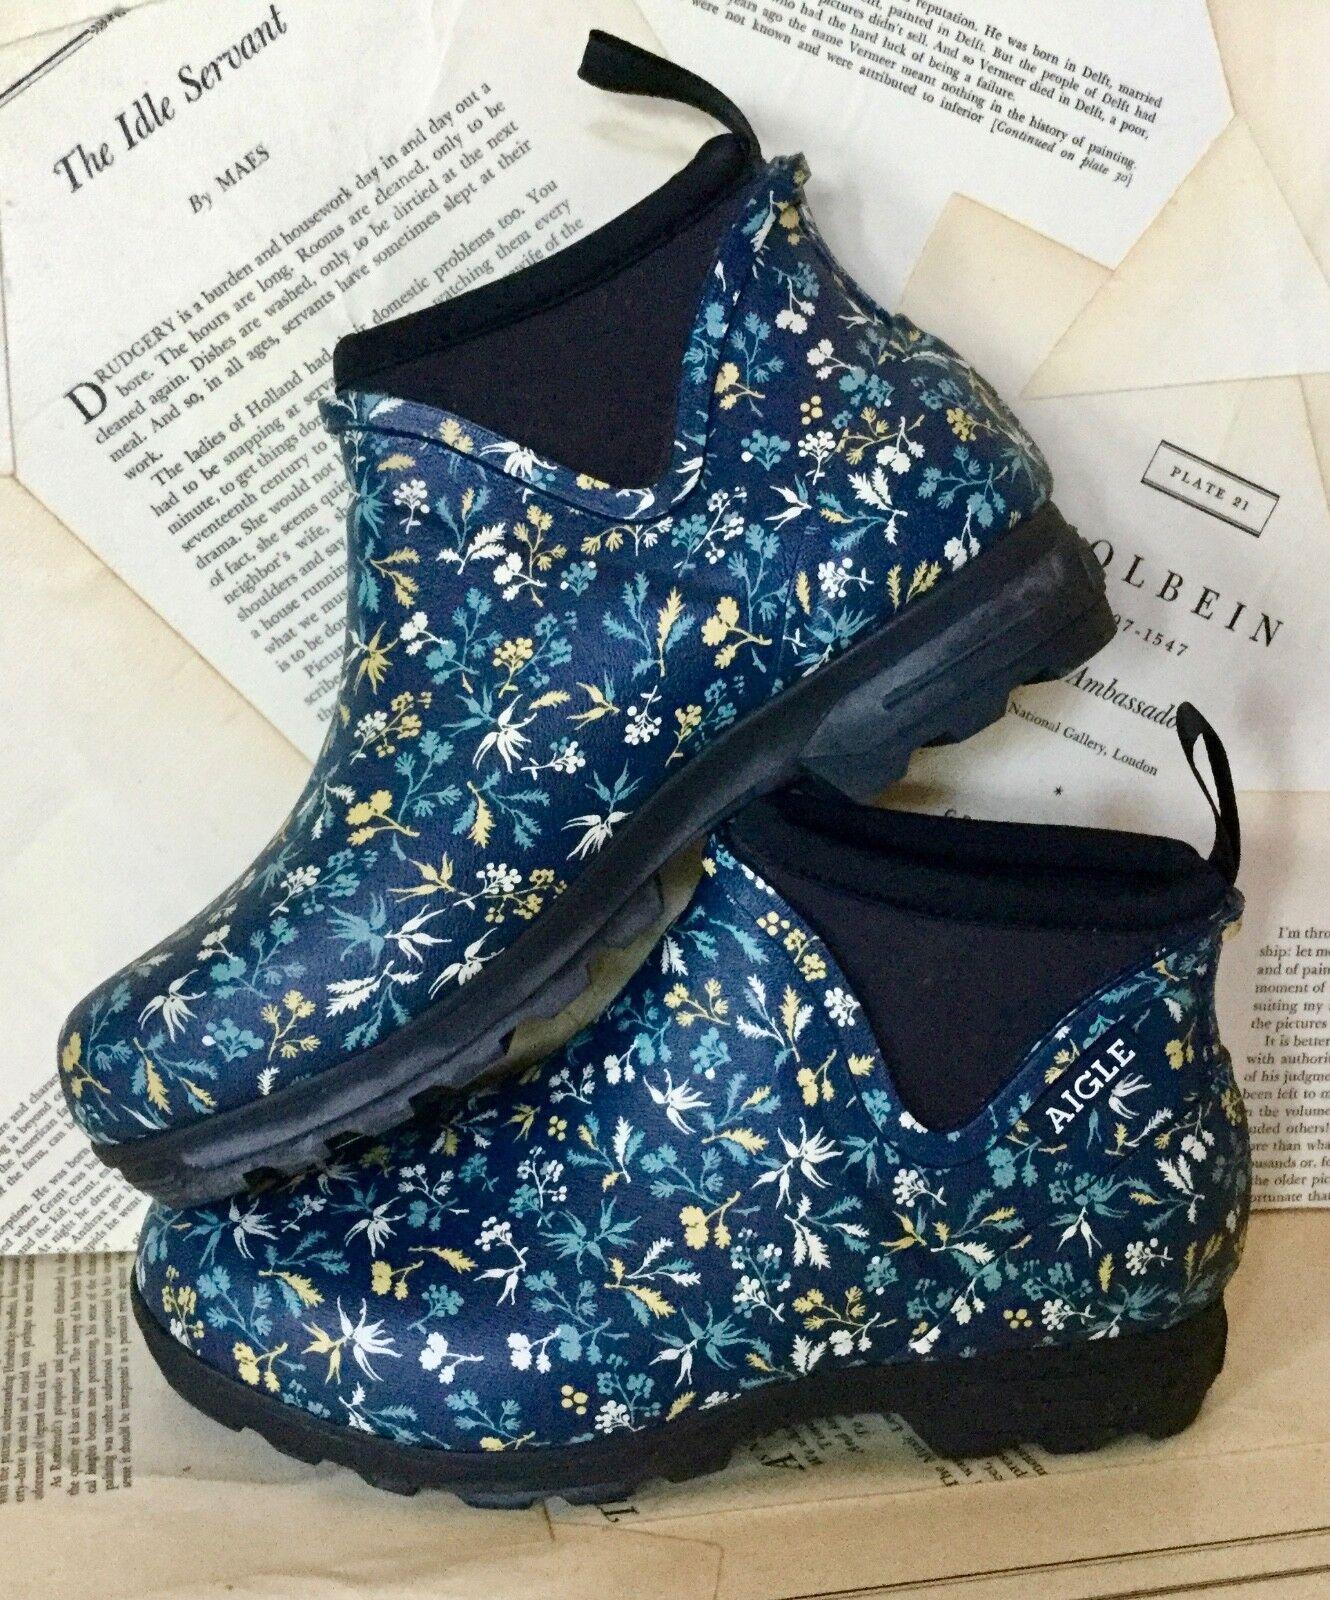 servizio di prima classe NEW Aigle blu Floral Floral Floral Lug Sole Rain Chelsea Ankle avvioie avvio 37 6  essere molto richiesto